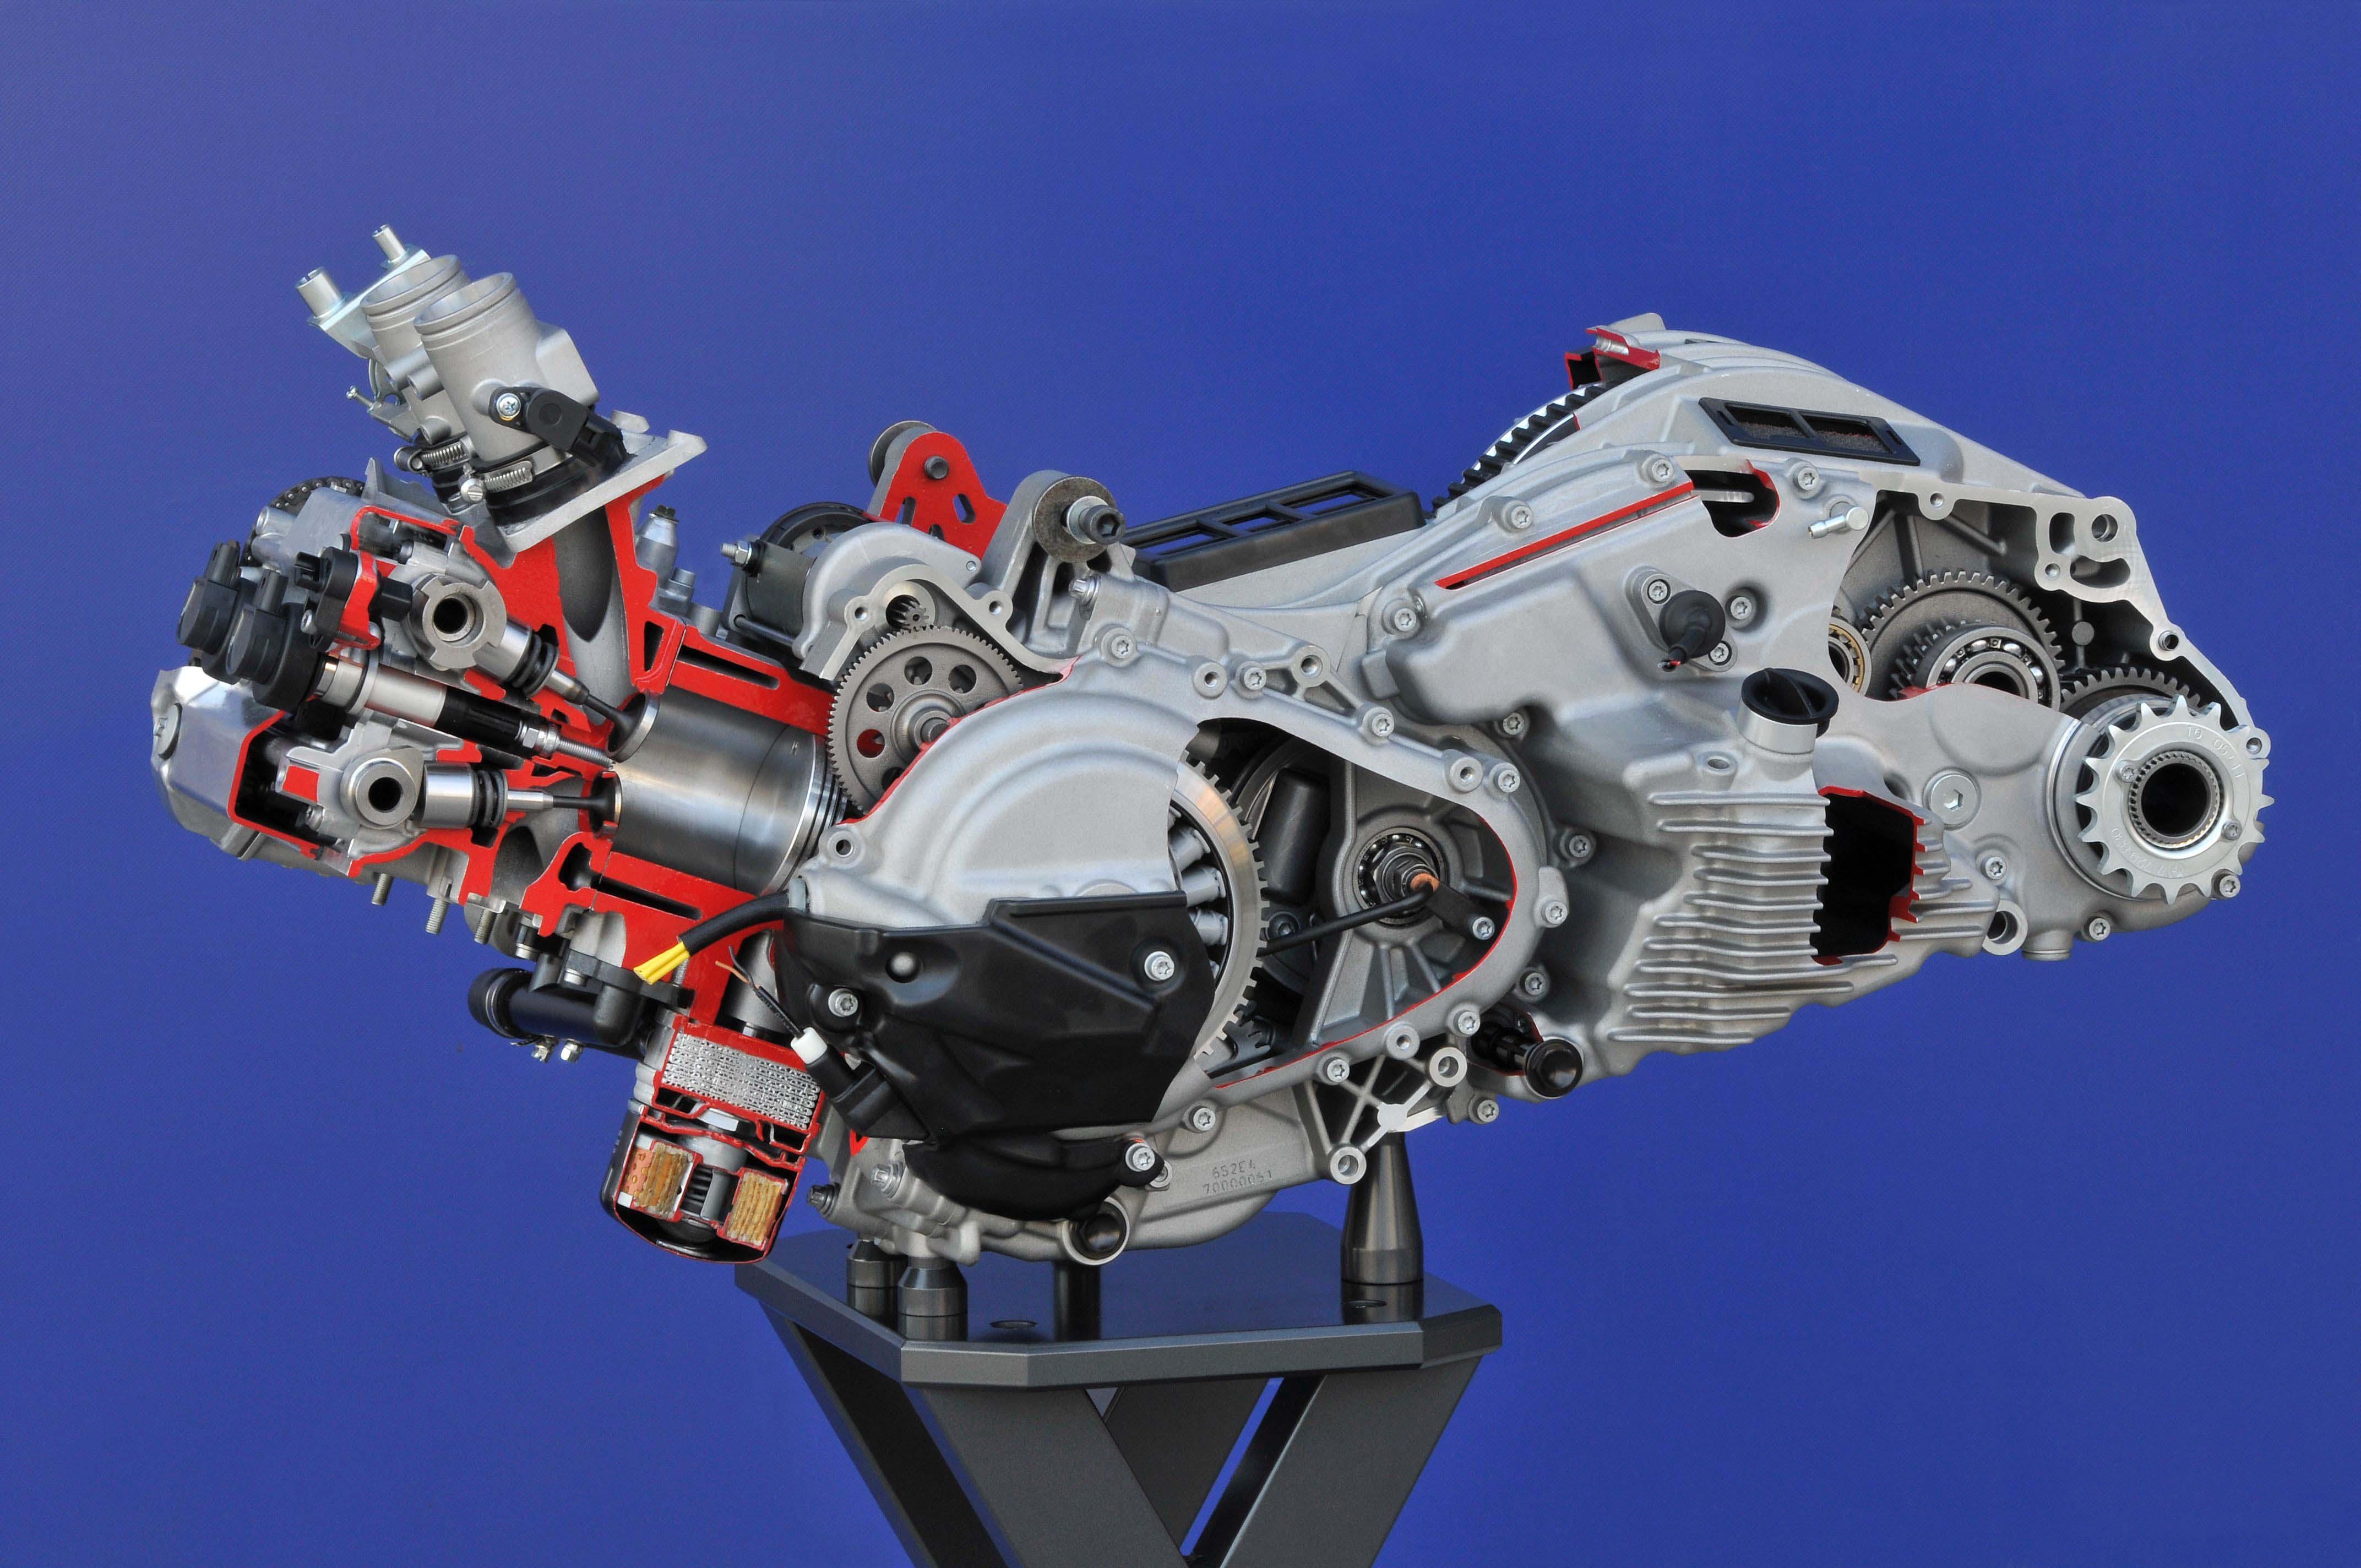 60HP Kymco range extender generator for BMW i3 | Mech | Pinterest ...